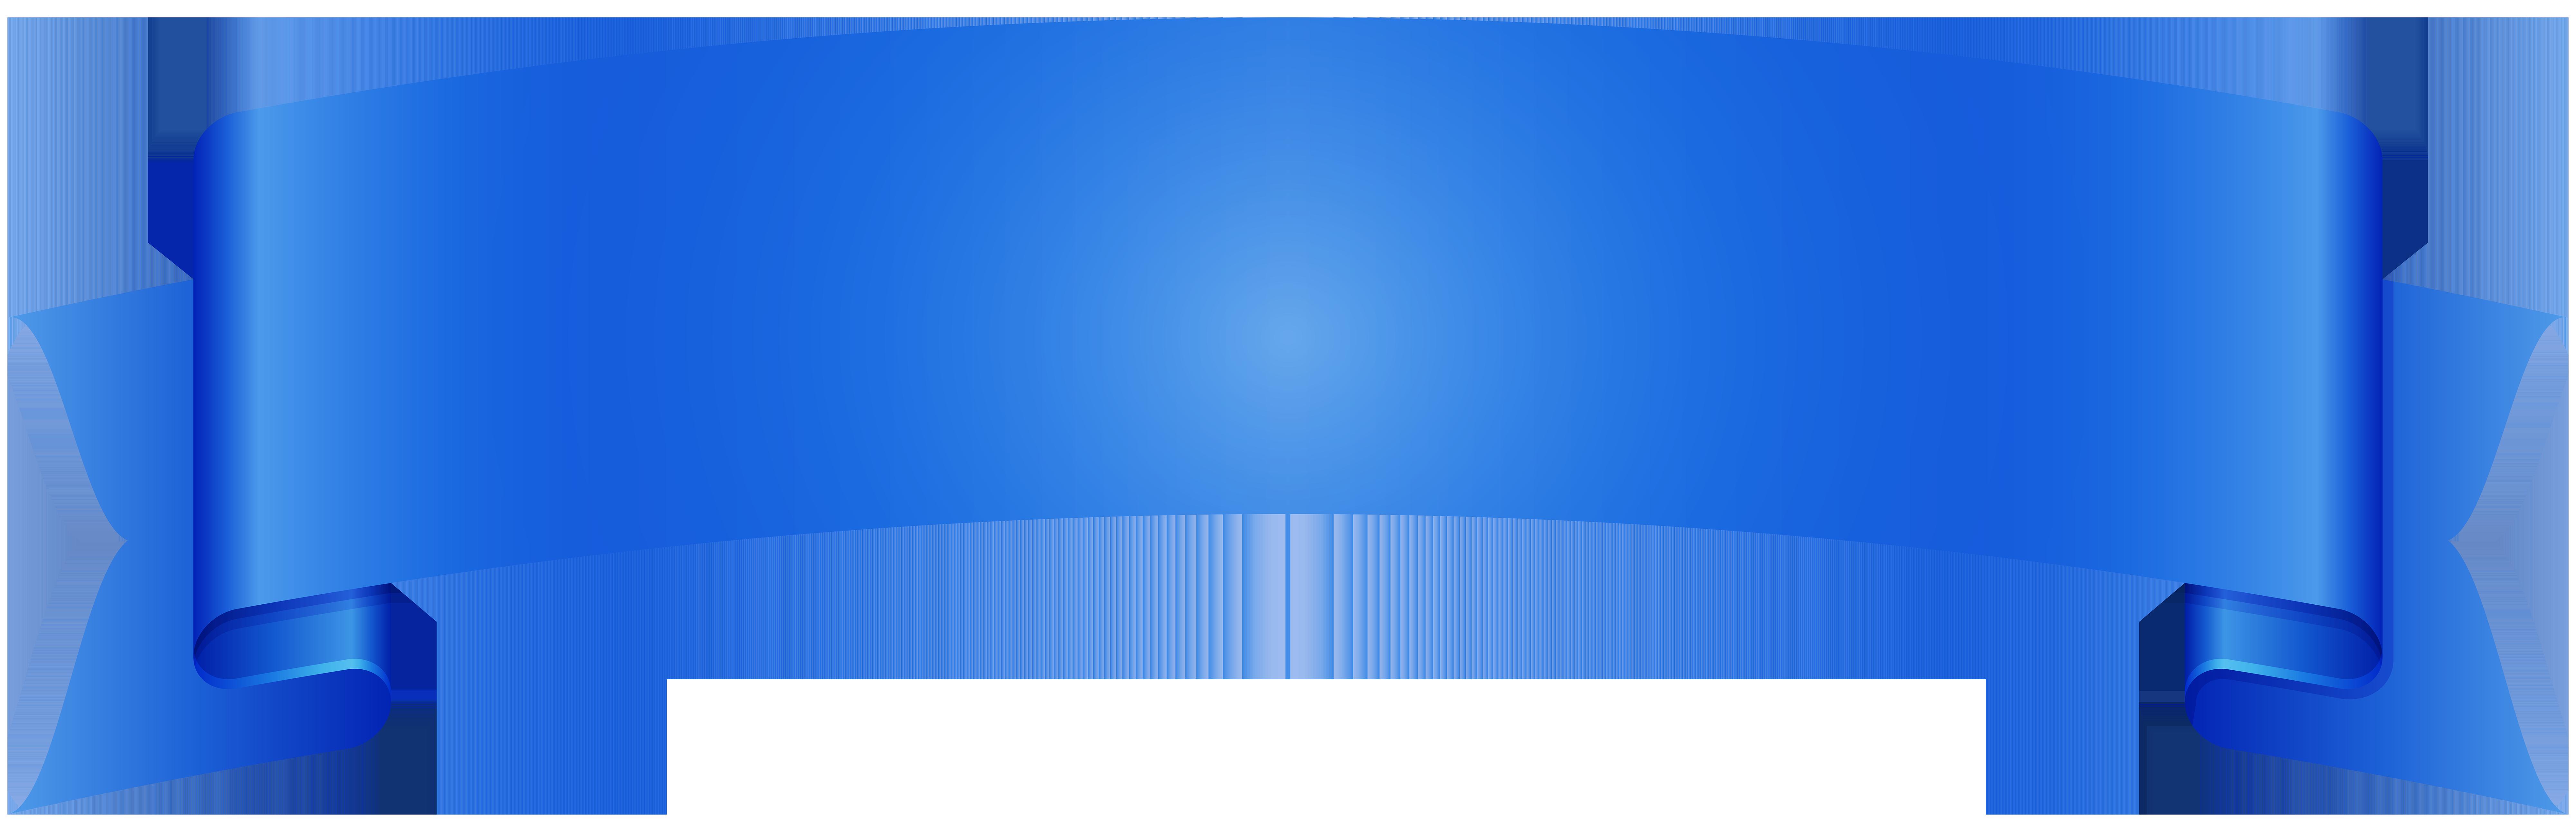 Blue Banner Transparent PNG Image.